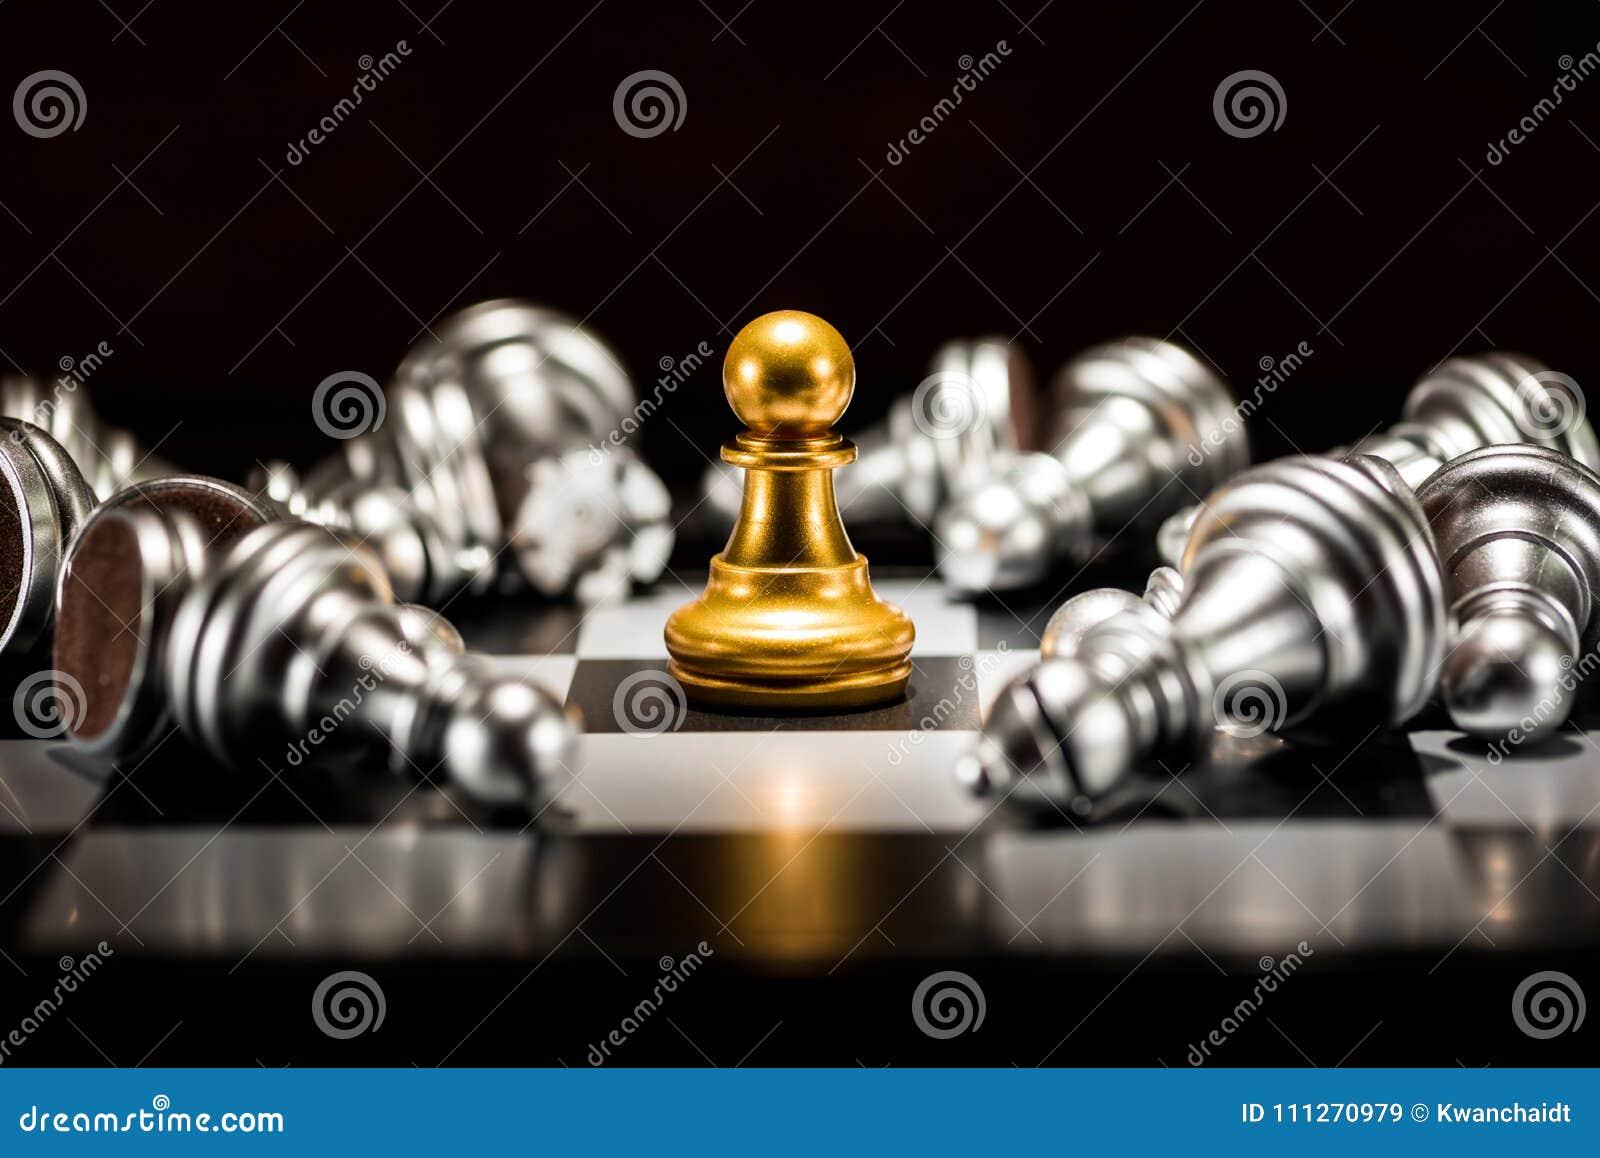 Singoli scacchi del pegno dell oro circondati da una serie di argento caduto c